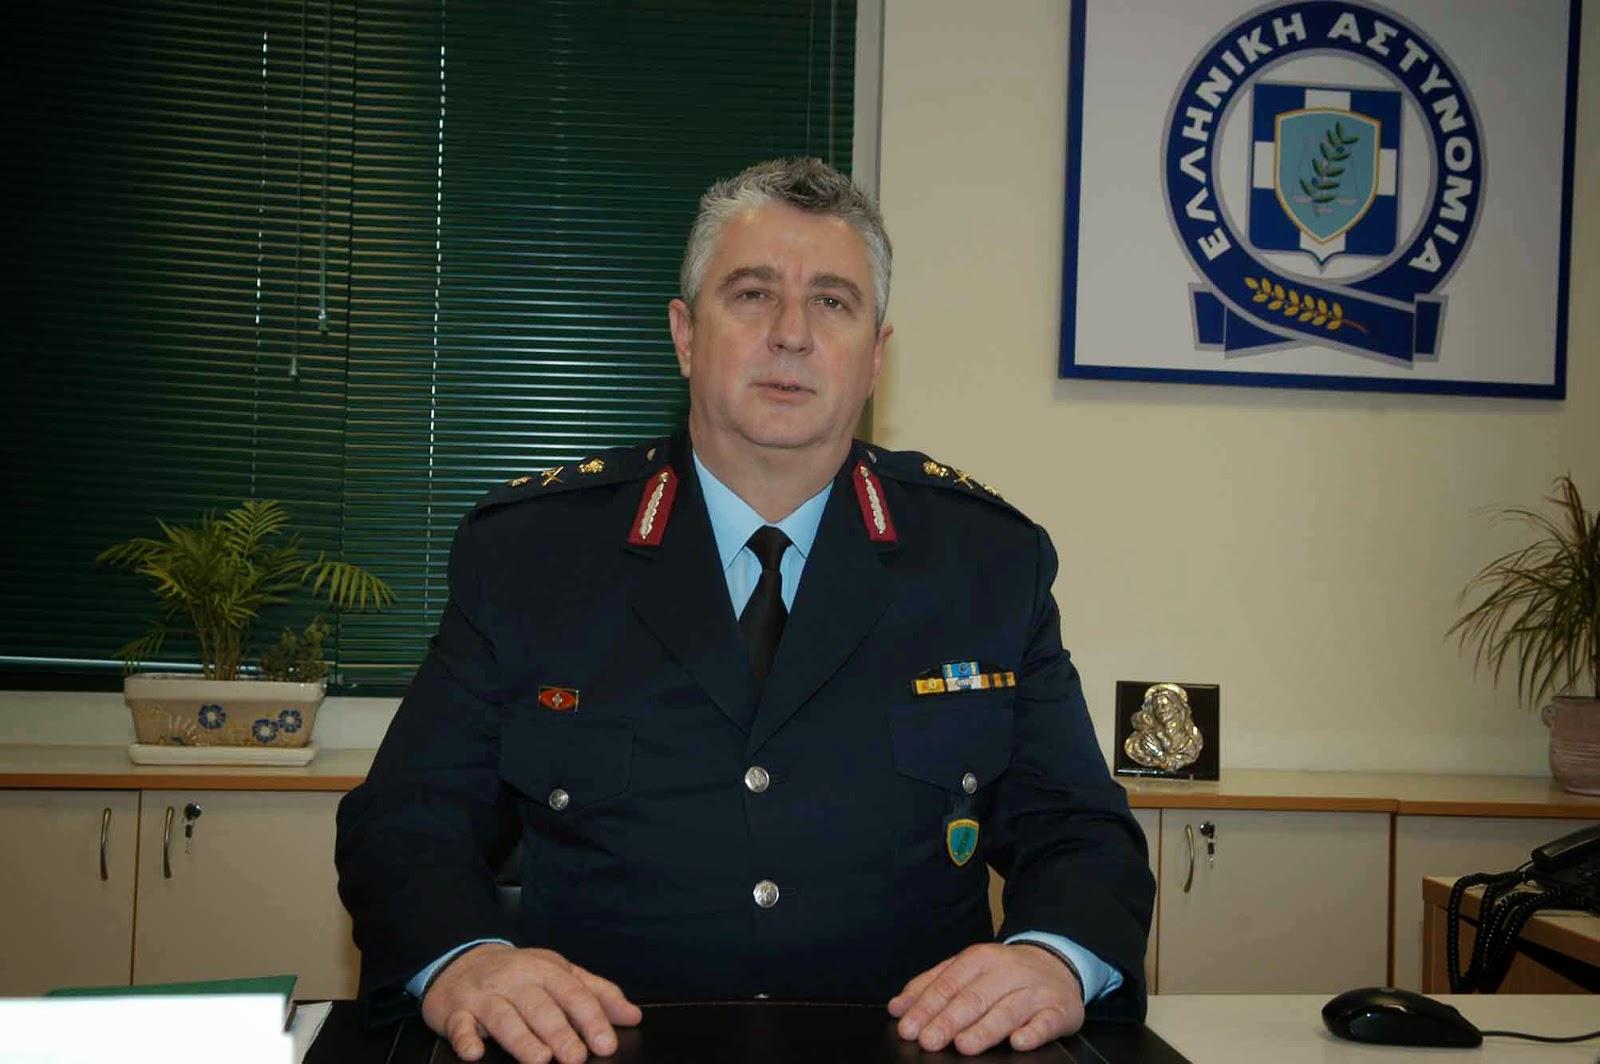 Νέος Γενικός Περιφερειακός Αστυνομικός Διευθυντής Δυτικής Μακεδονίας, ο Ταξίαρχος Δημοσθένης ΧΡΗΣΤΟΥ - Ποιοι αναλαμβάνουν Καστοριά και Κοζάνη